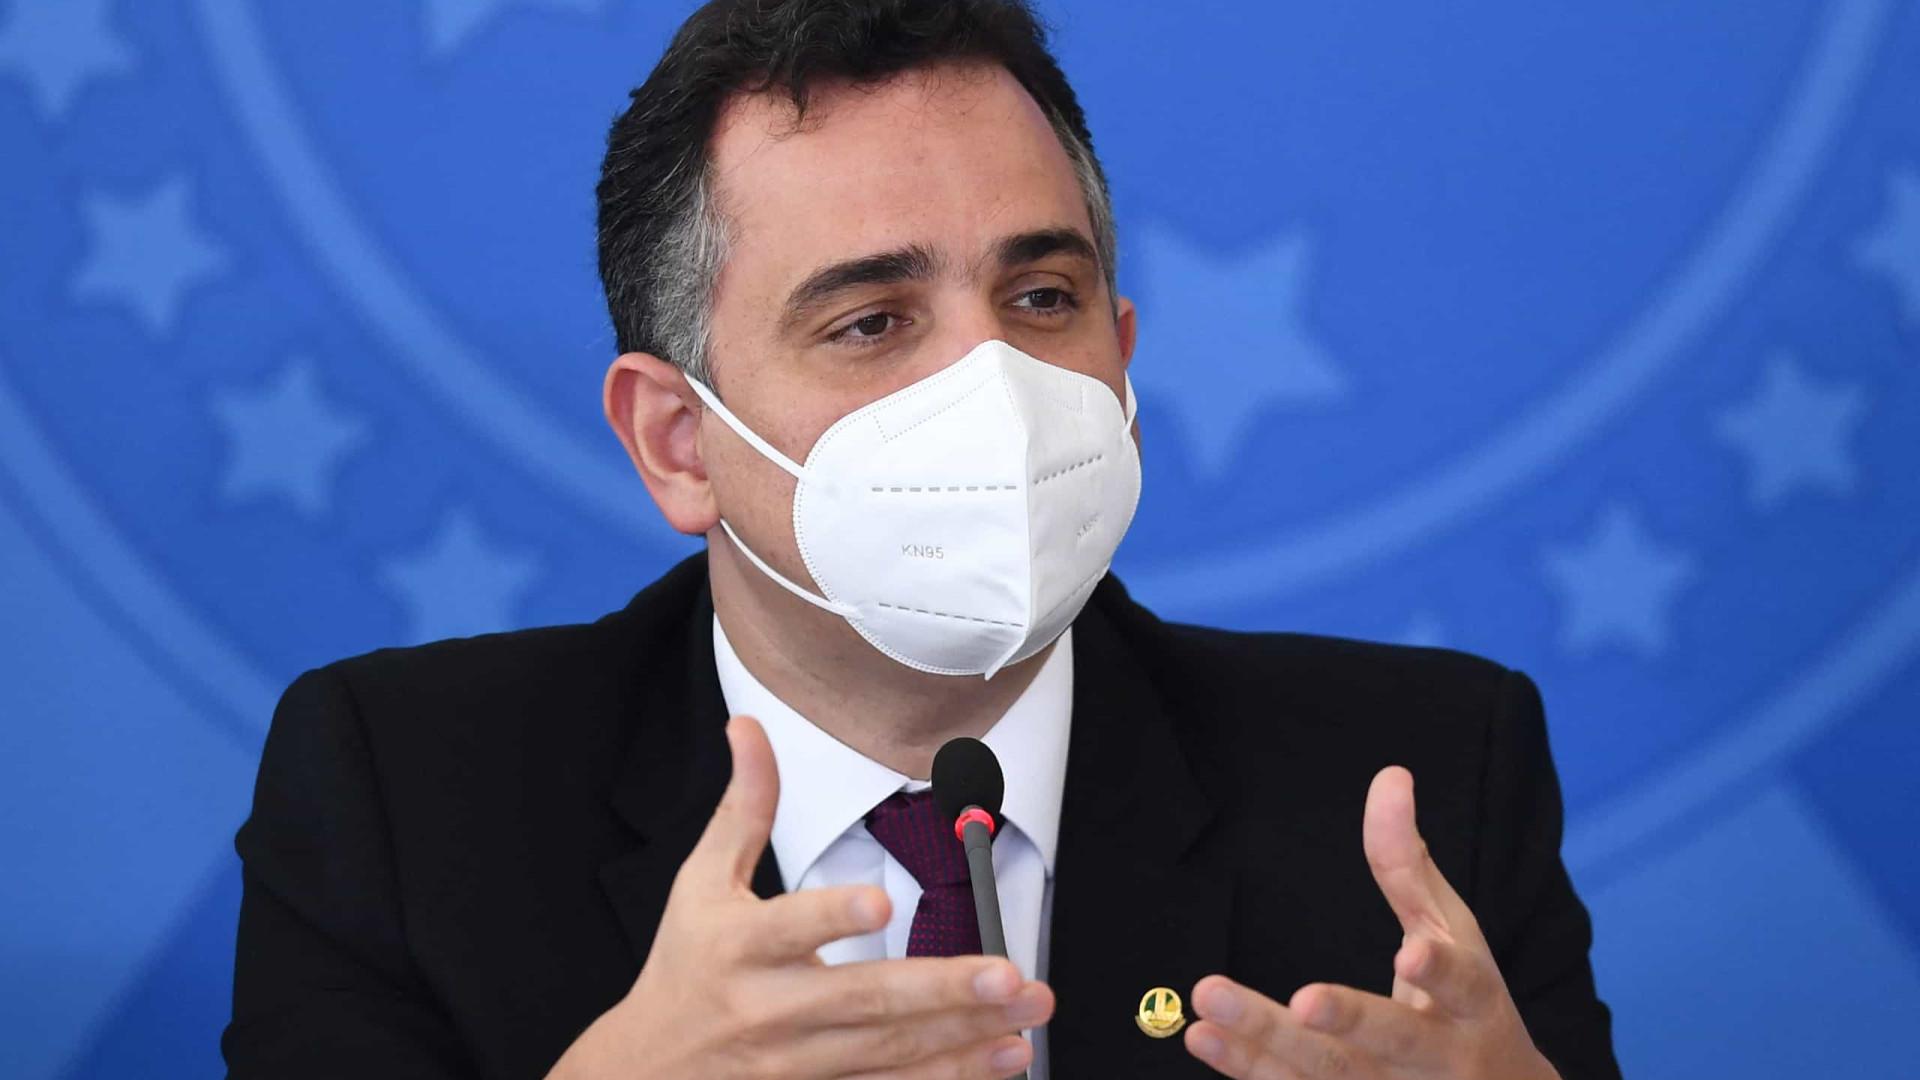 Senado vê pedido inócuo contra ministros do STF e tenta evitar 'circo' de Bolsonaro